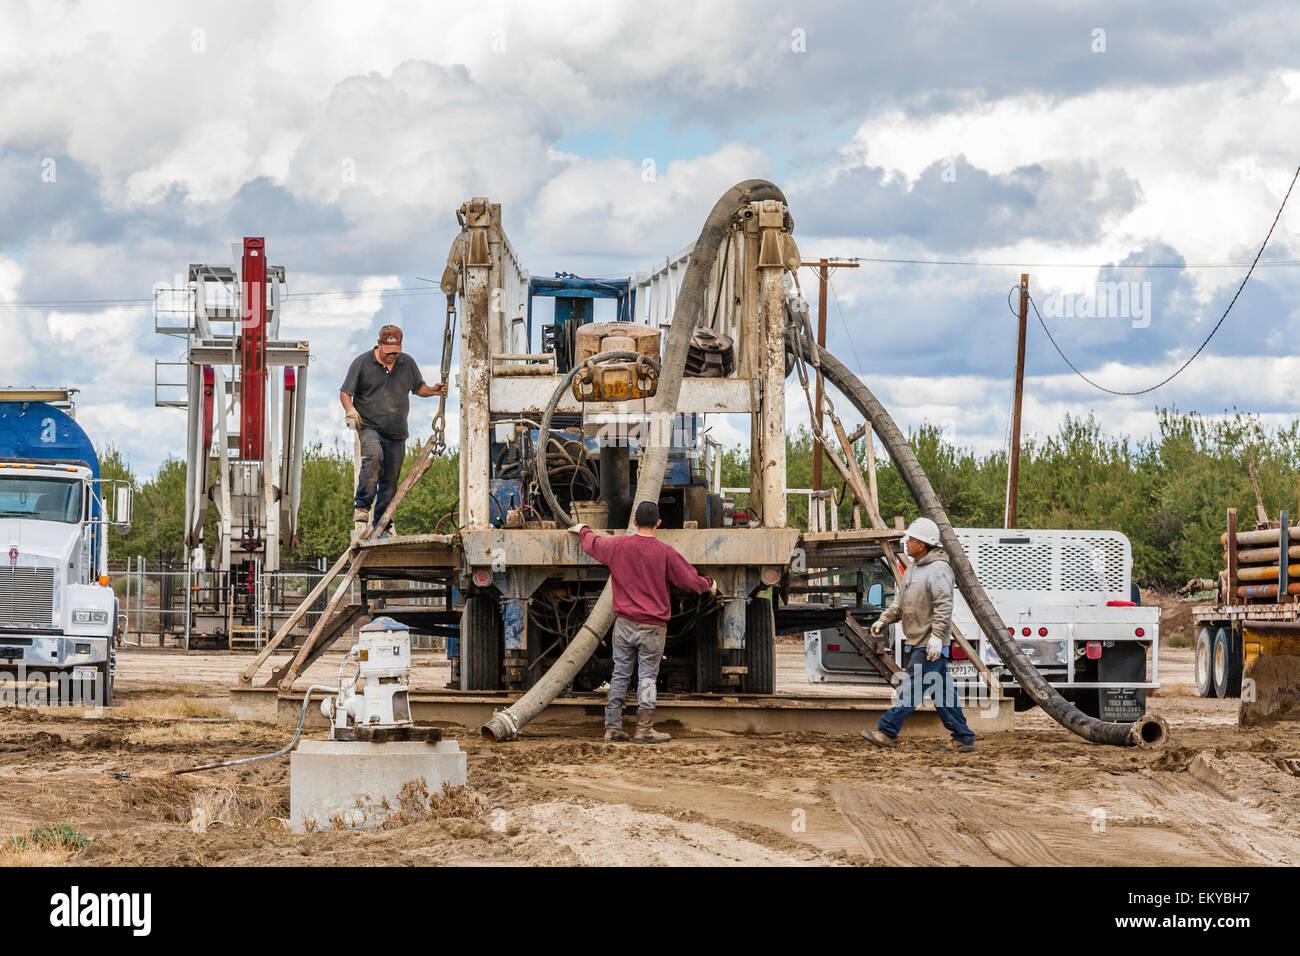 Brunnenbau wird neben Ölquelle und Fracking-Site in Mandel Obstgarten. Kern County, Kalifornien Stockbild